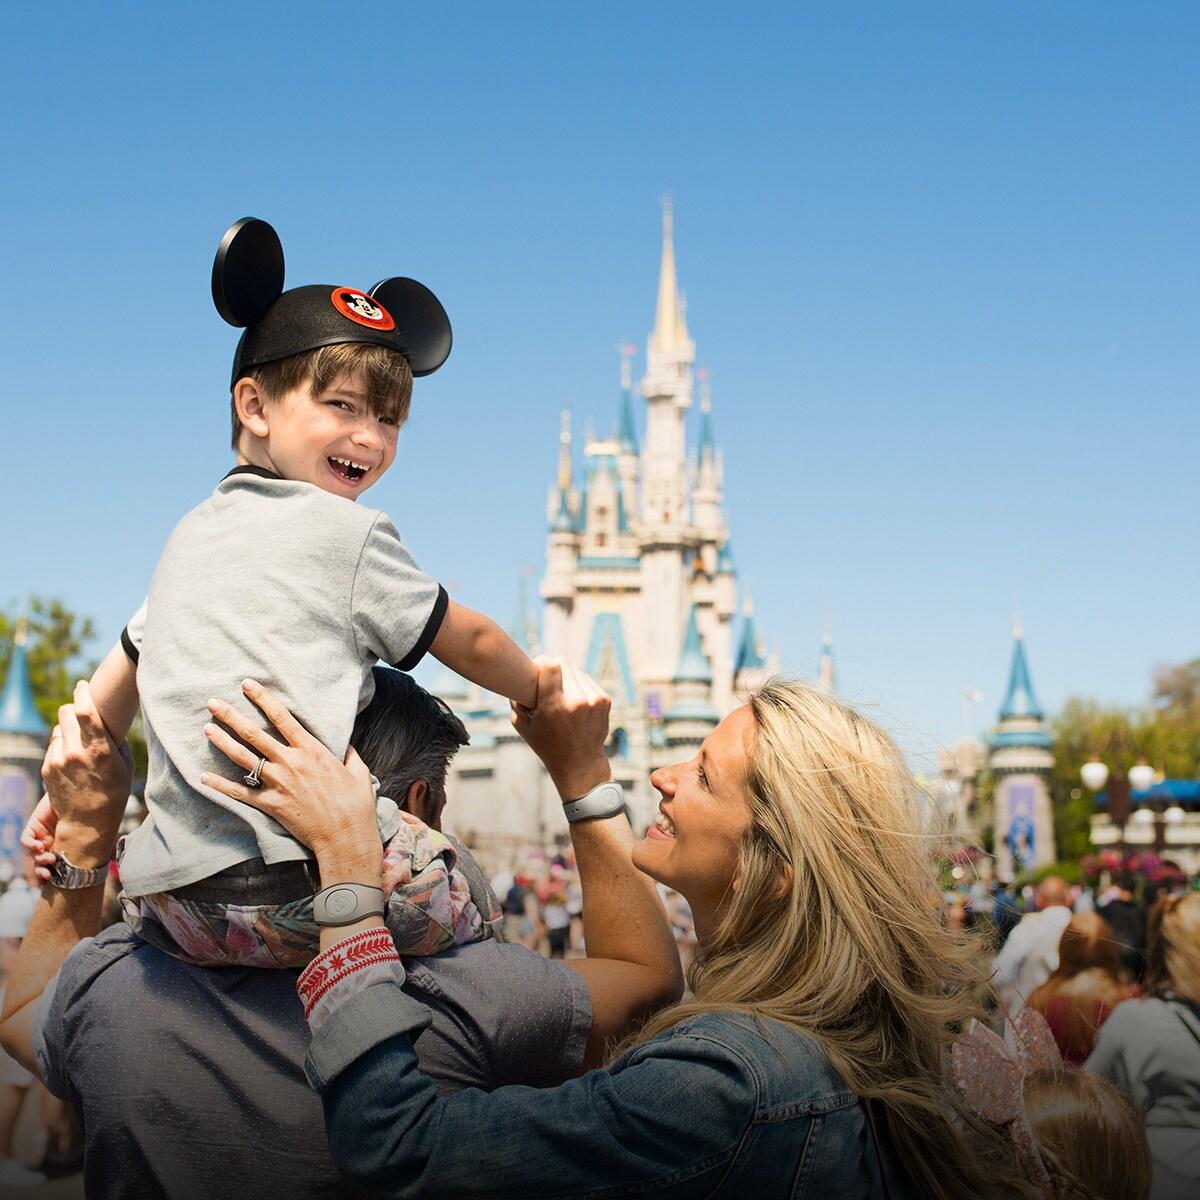 Barn med Mikke-ører løftes opp foran Torneroses slott i Walt Disney World